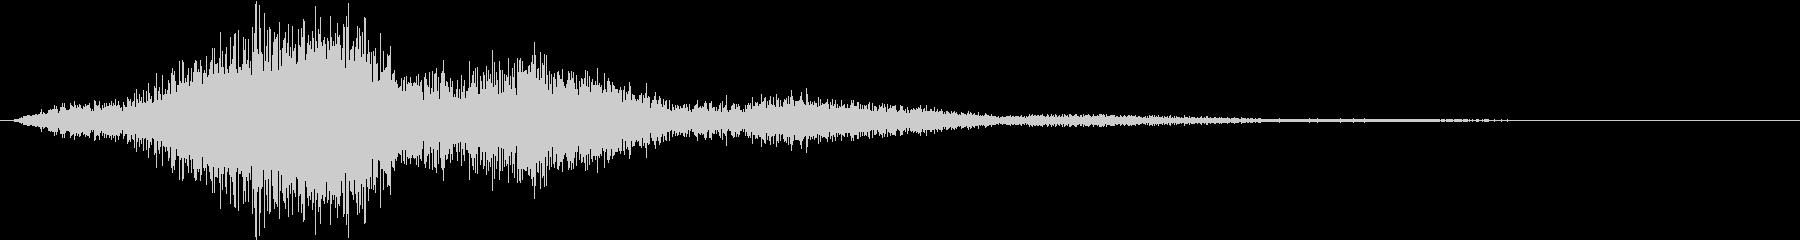 逃走-ydxの未再生の波形